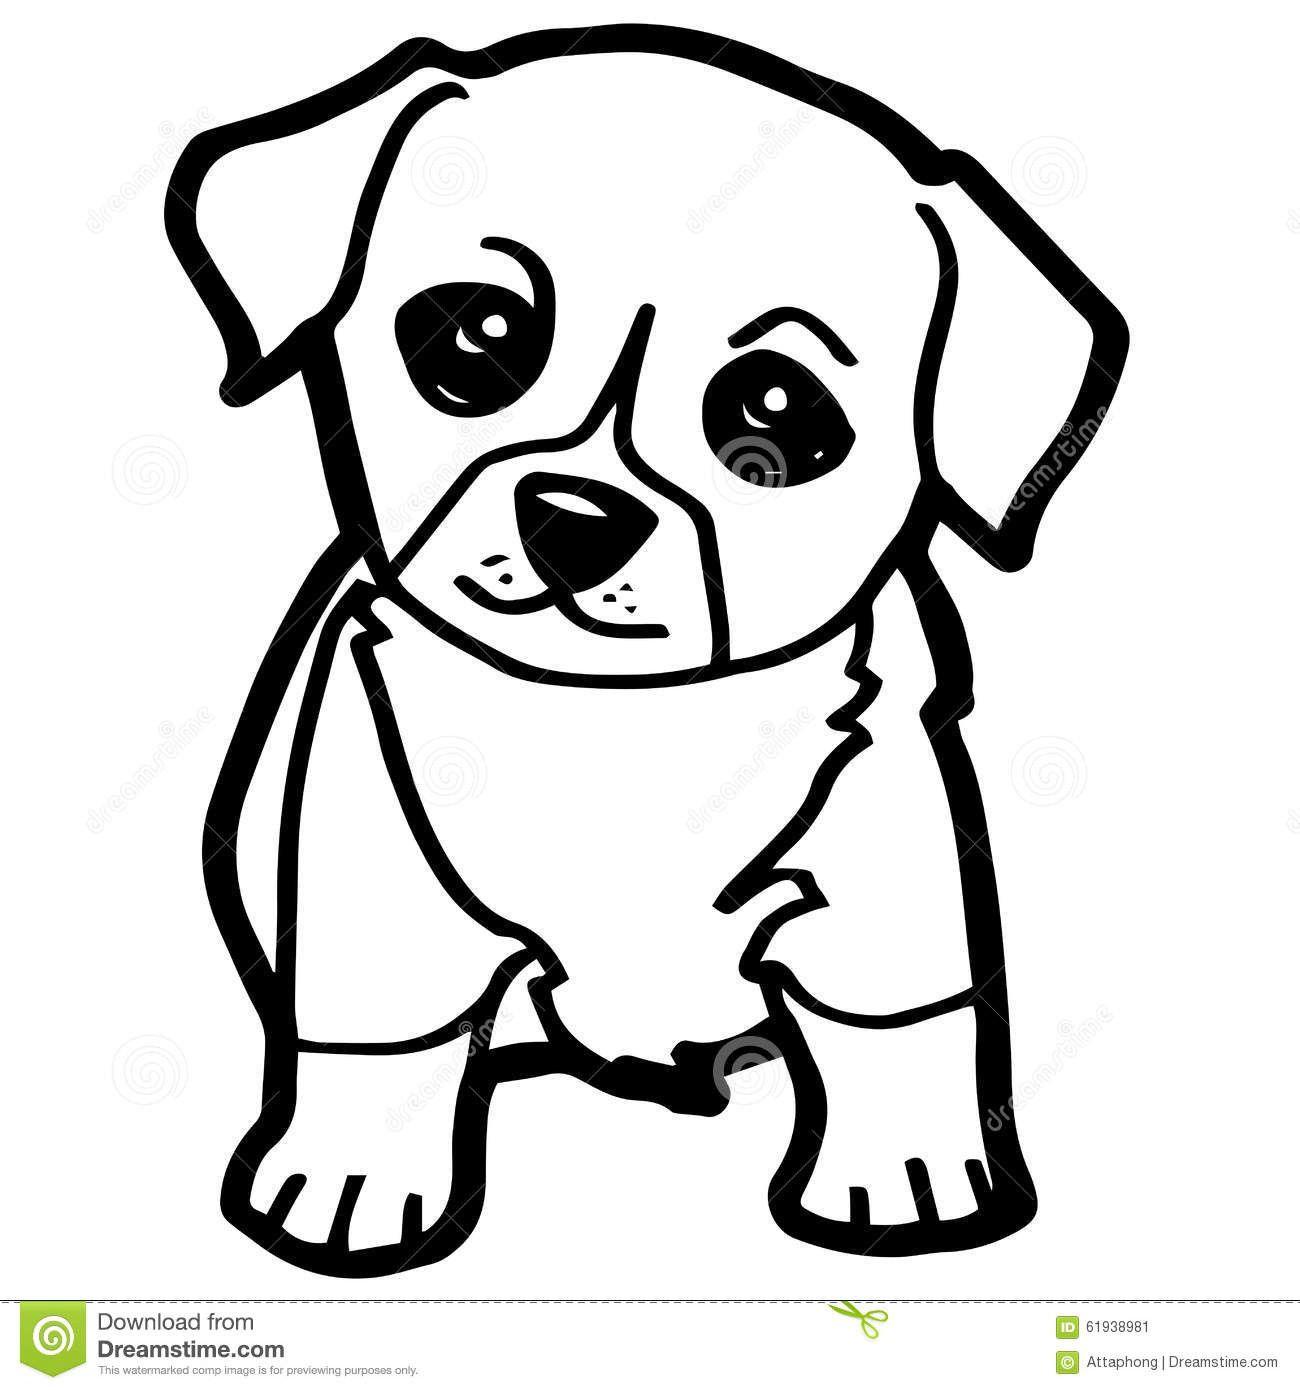 Cani Da Colorare Stampare.30 Ricerca Cagnolini Da Colorare E Stampare Gratis Disegni Di